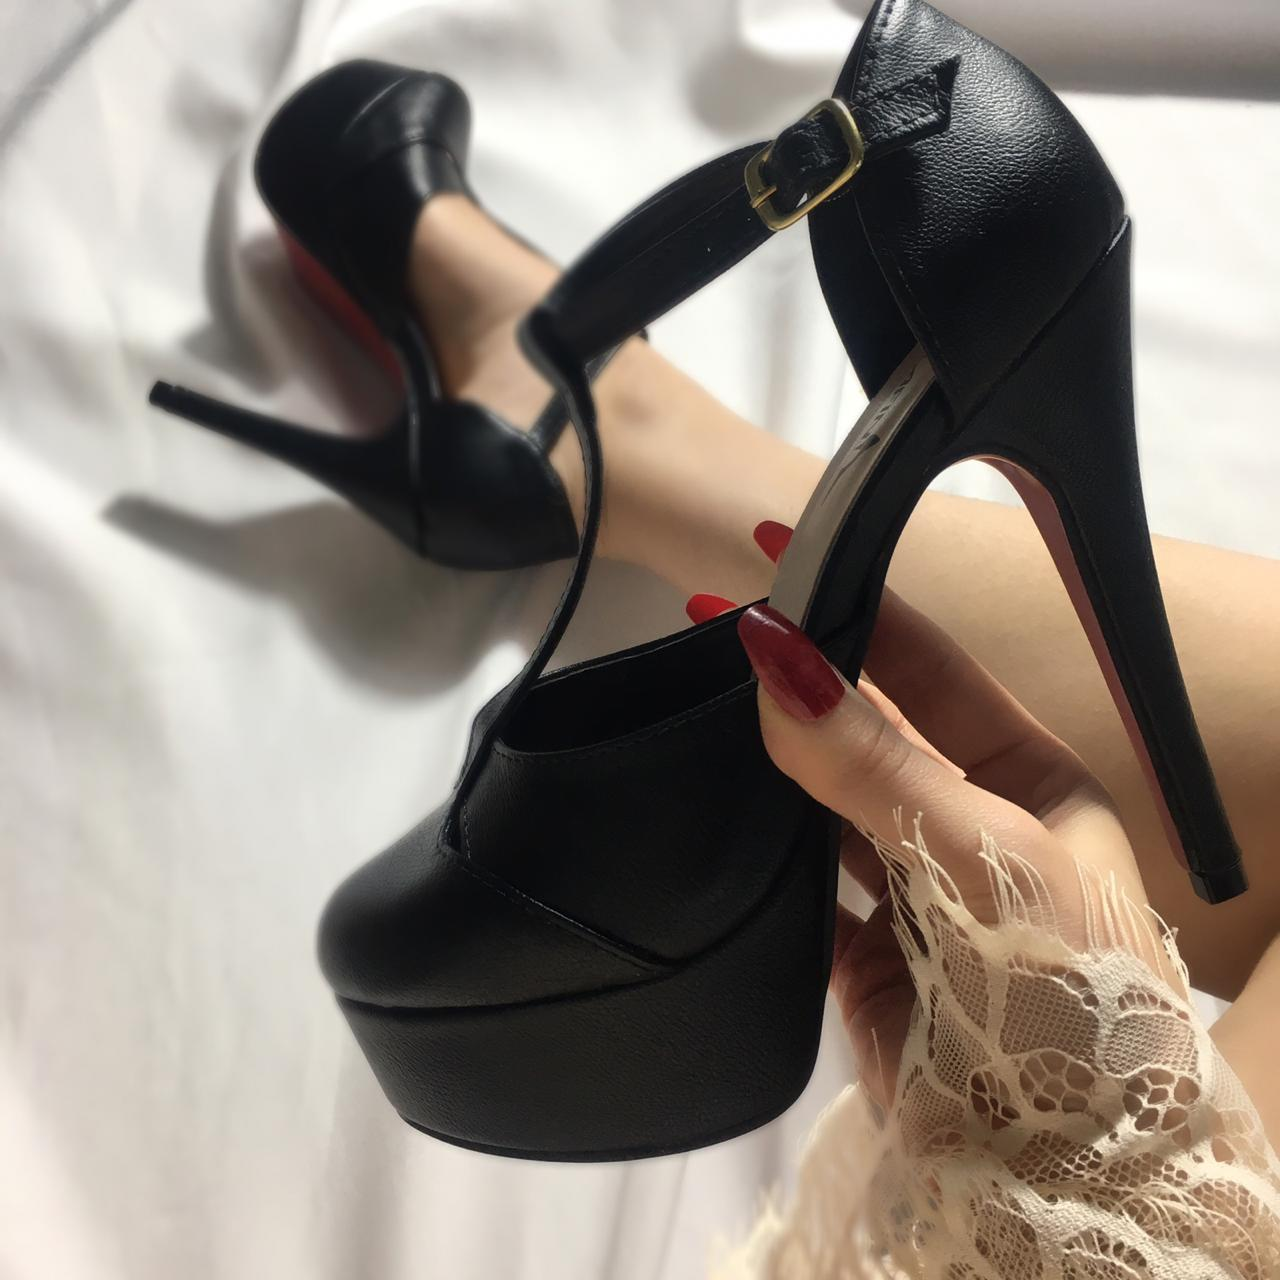 Empodere-se com o luxuoso sapato Serafini!